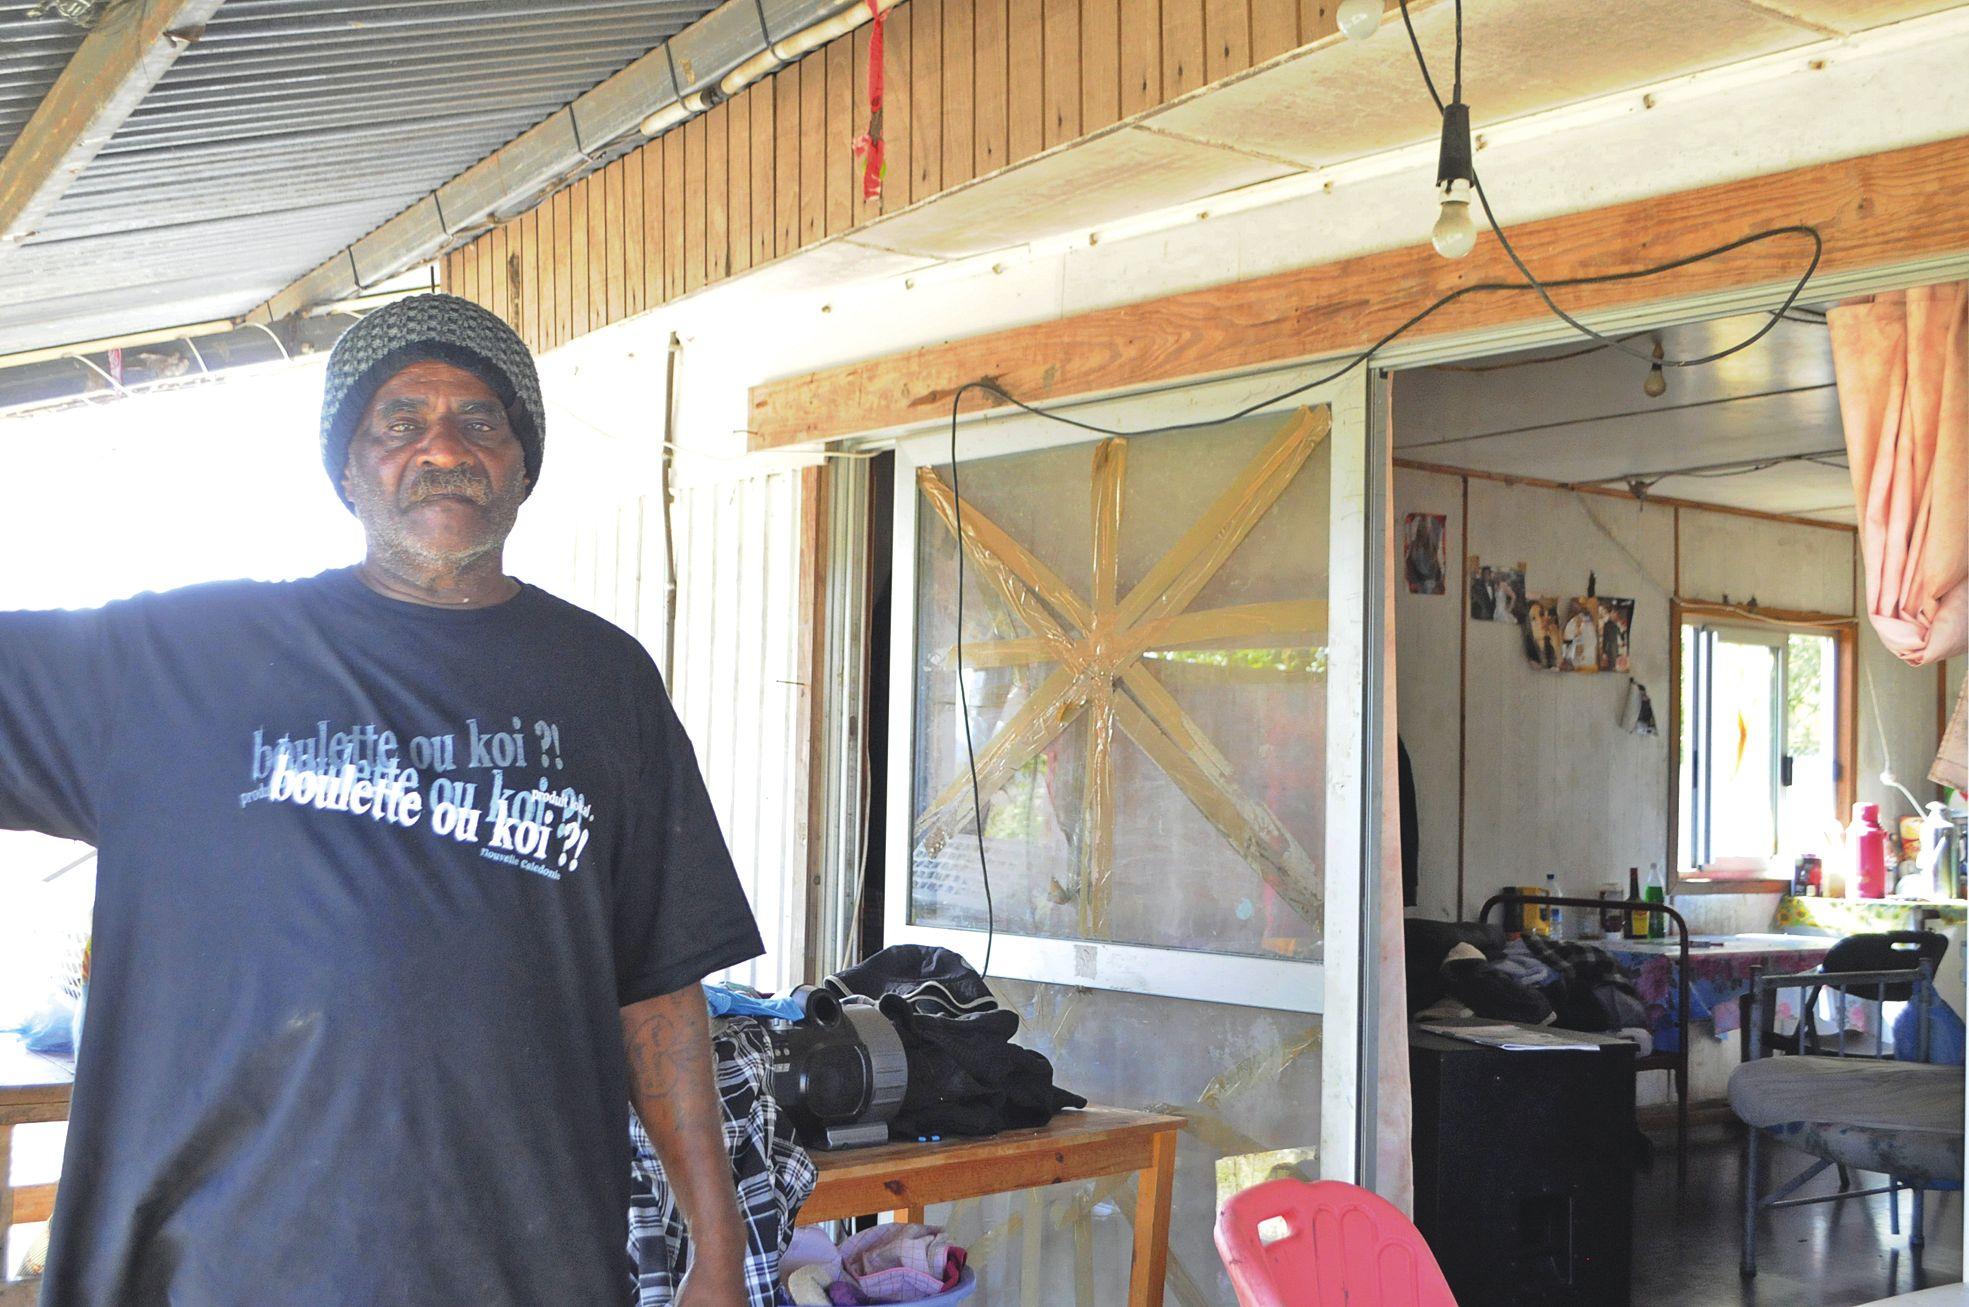 Emile considère que la maison qu'il occupe depuis plus de vingt-cinq ans, « insalubre », n'a aucune valeur immobilière. Il souhaite, par contre, se porter acquéreur du lot sur lequel elle se tient afin que son fils puisse y construire sa propre maison.